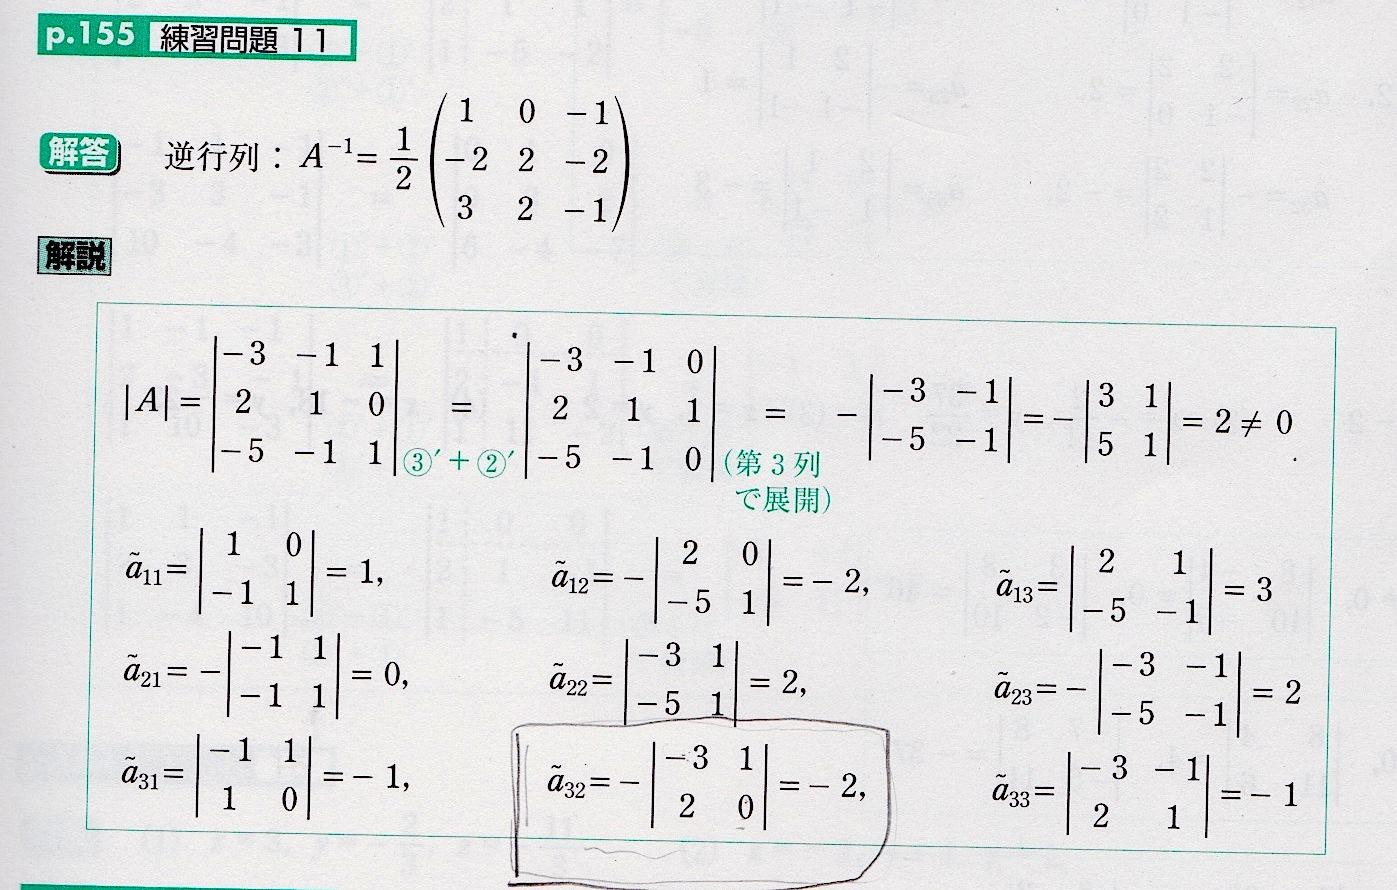 「大学入門ドリル 線形代数 行列と行列式」のミスプリを発見_d0164691_2241988.jpg